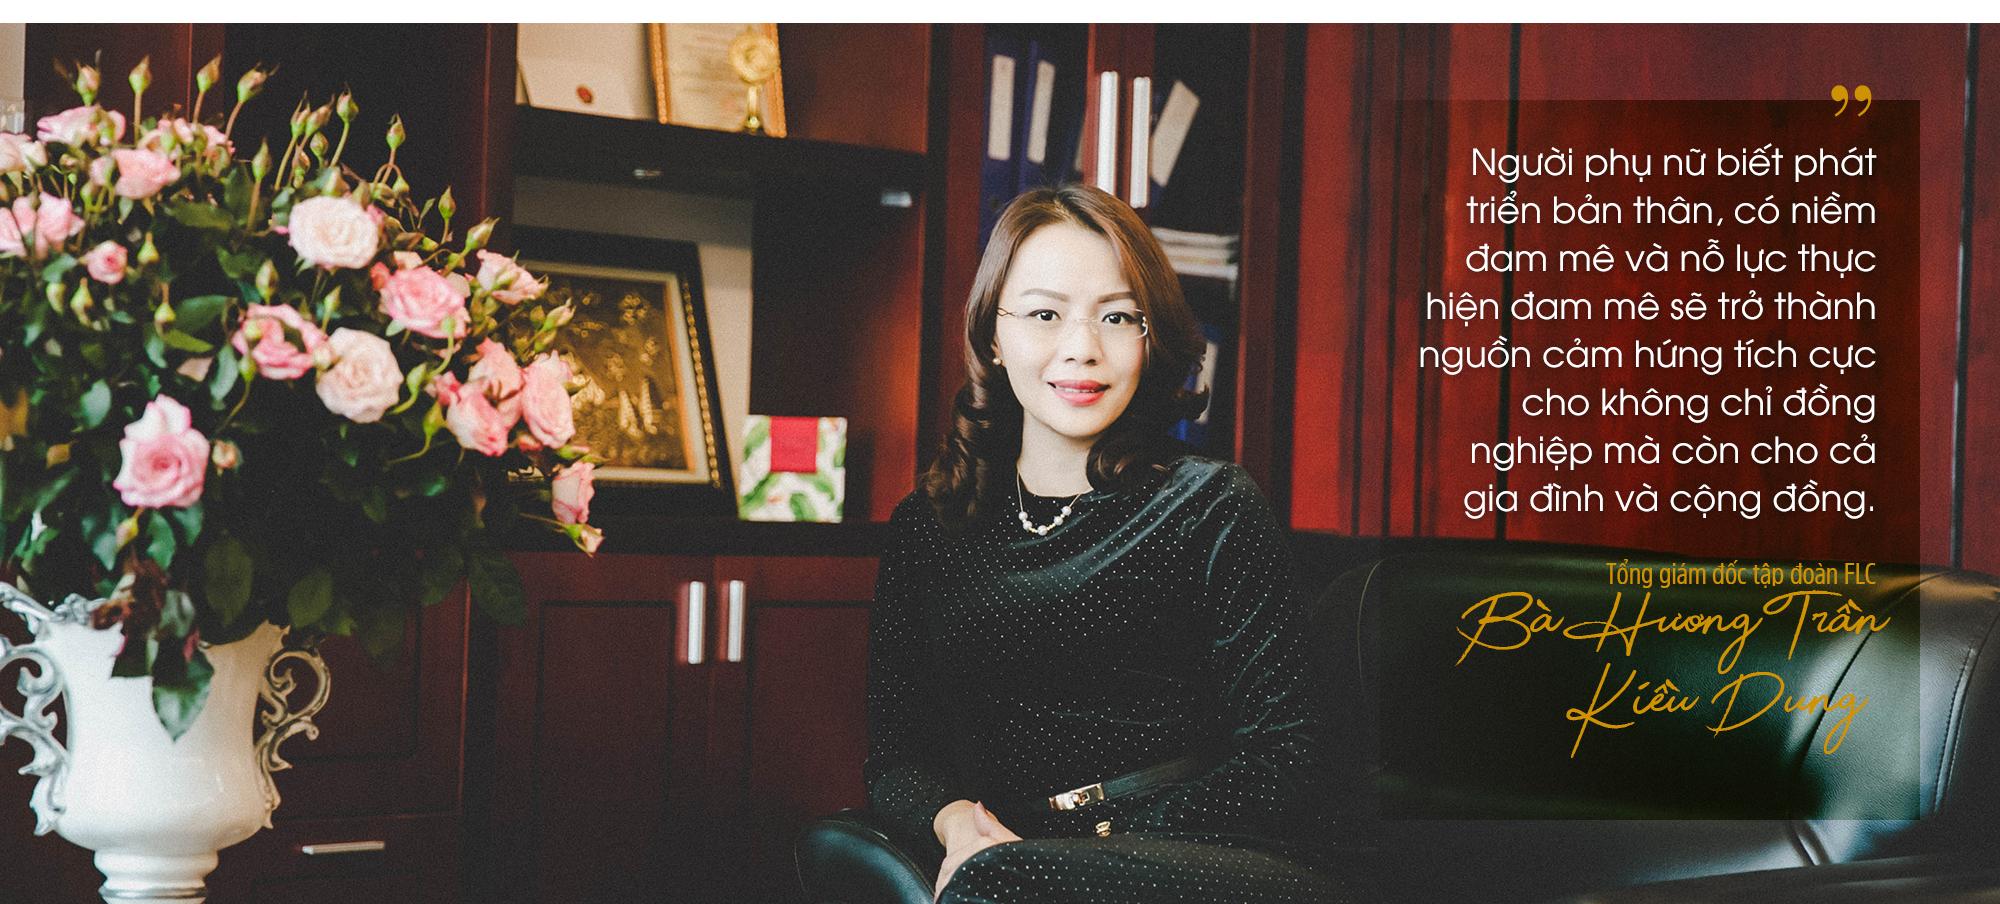 Điều đặc biệt ít biết về nữ CEO quyền lực nhất FLC:p/Khi Tiến sỹ Luật làm sếp, các vấn đề sẽ được giải quyết theo tinh thần của nguyên tắc suy đoán vô tội - Ảnh 8.